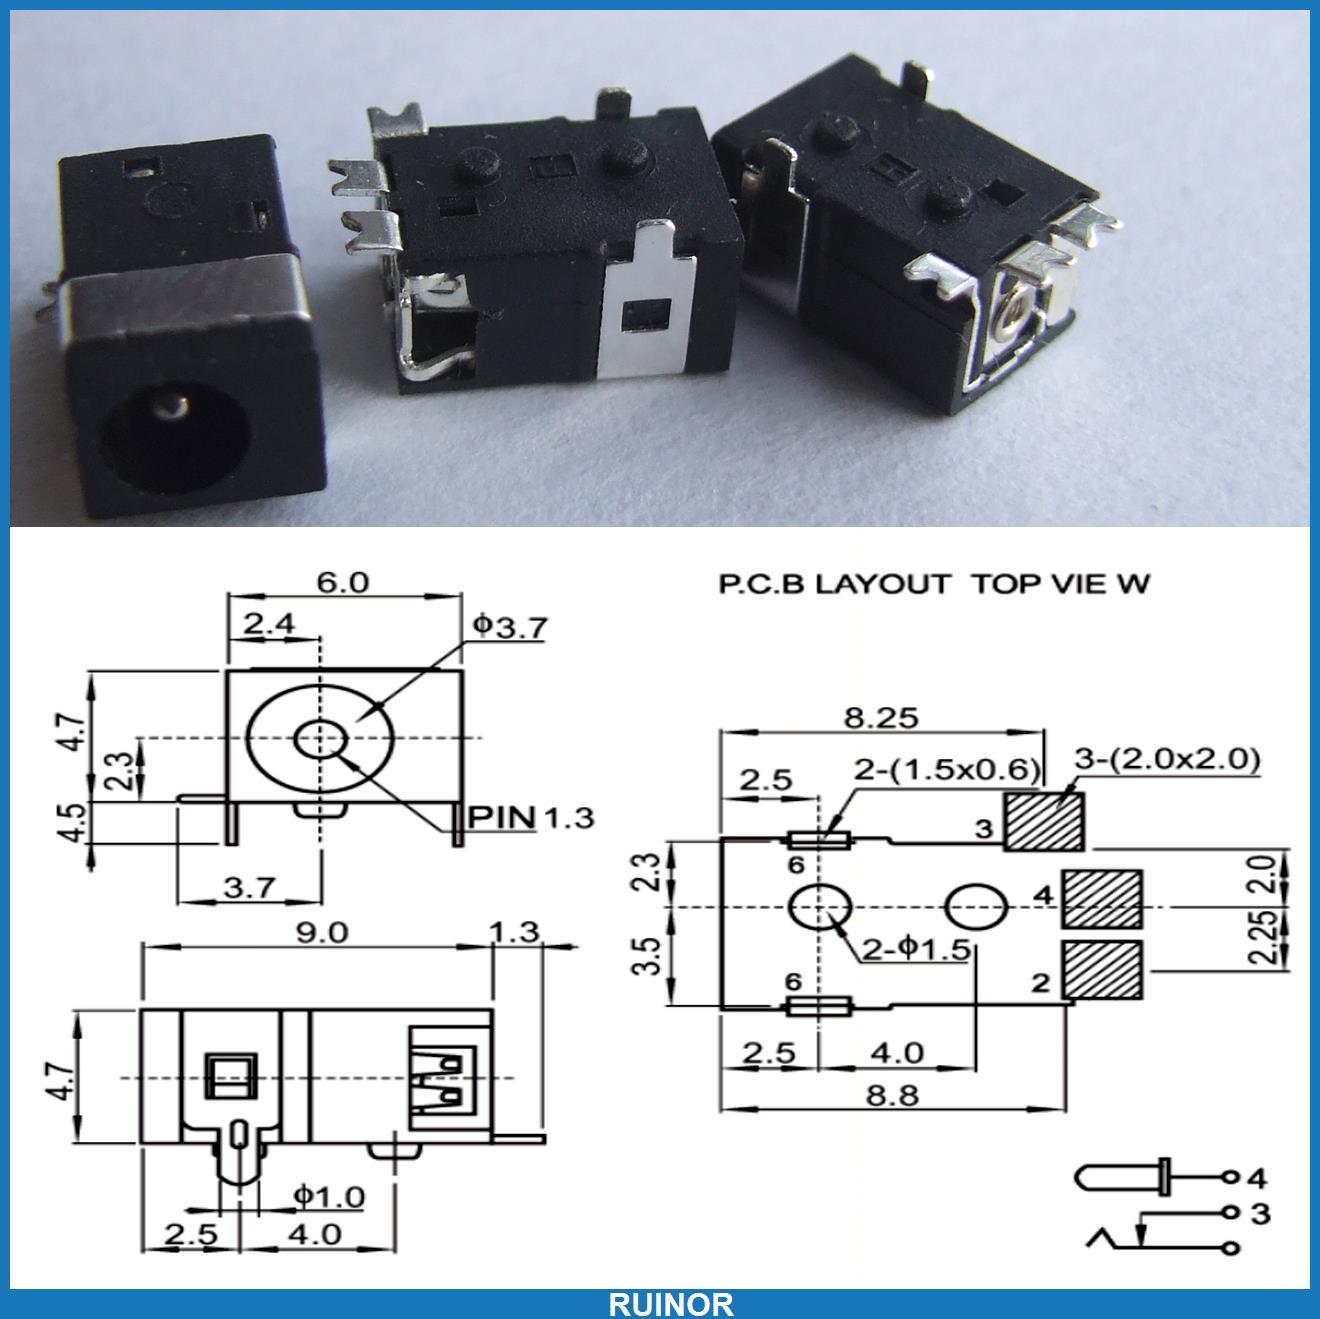 200 pièces 3.5mm x 1.3mm DC Jack Femelle pour SMD PCB Chargeur Prise D'alimentation À Souder